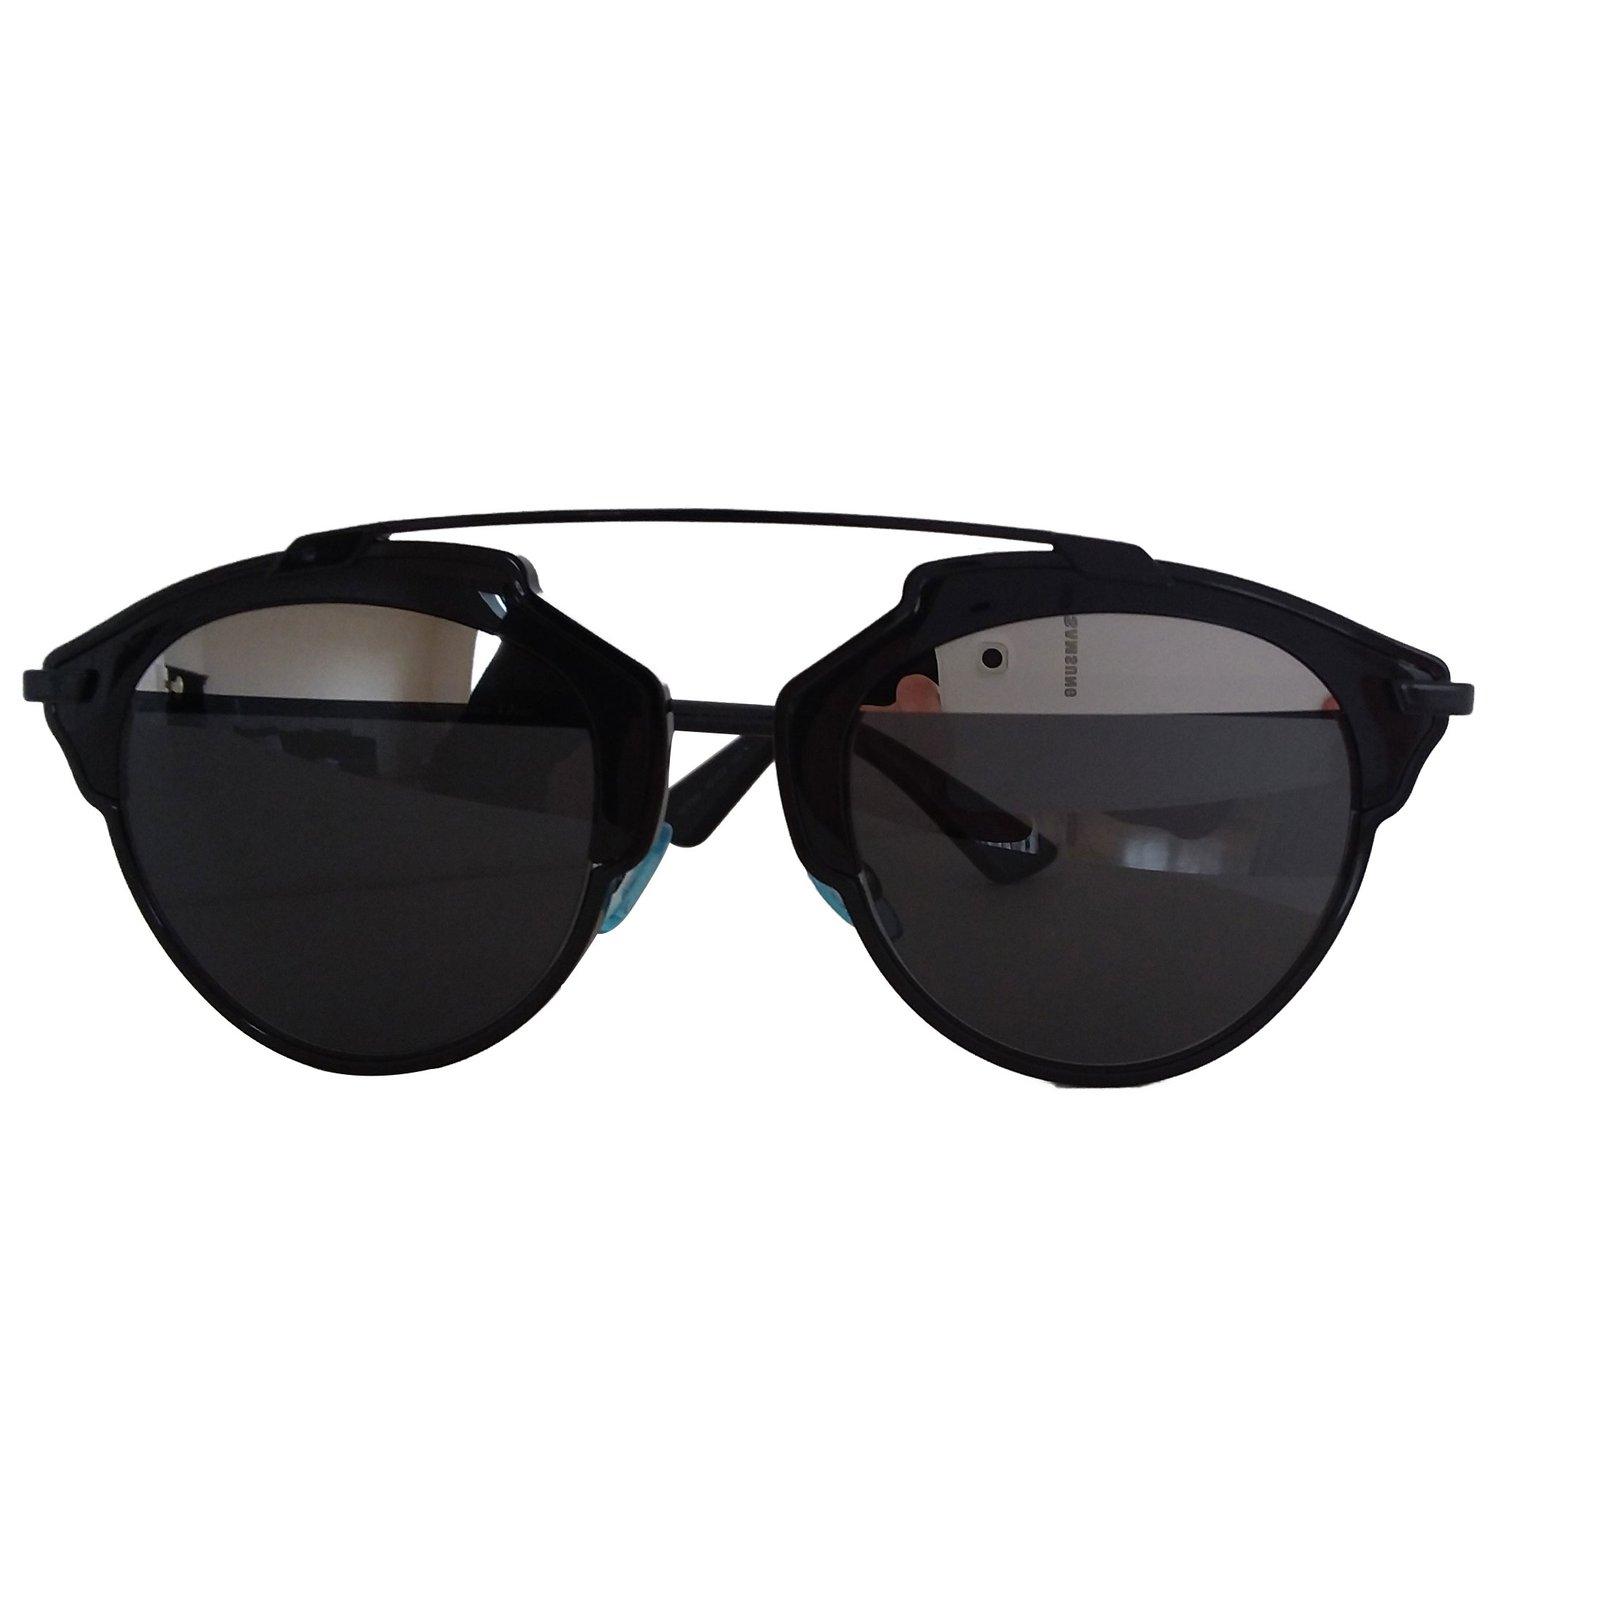 3a7f26383f7278 Lunettes Christian Dior Lunettes Dior Plastique Noir ref.63438 ...